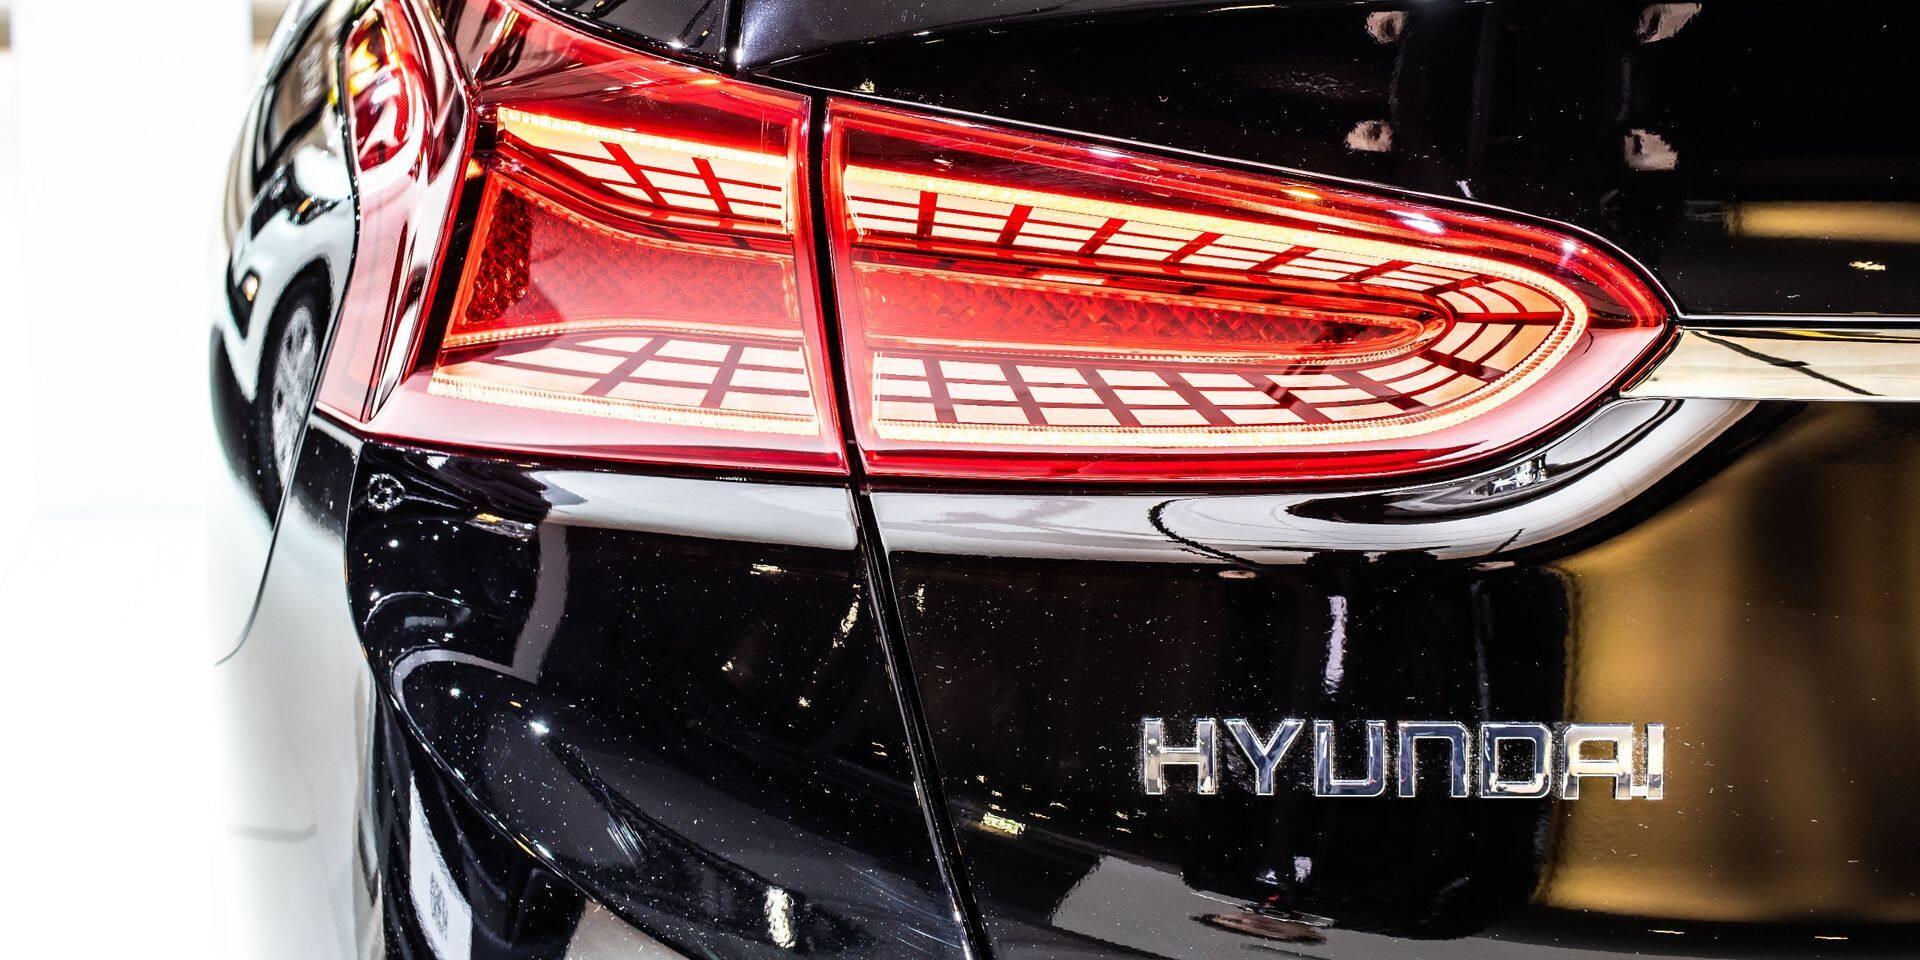 Ce démenti a entraîné une chute de 13 % de l'action Kia à la Bourse de Séoul et de 5,6 % de celle de Hyundai.